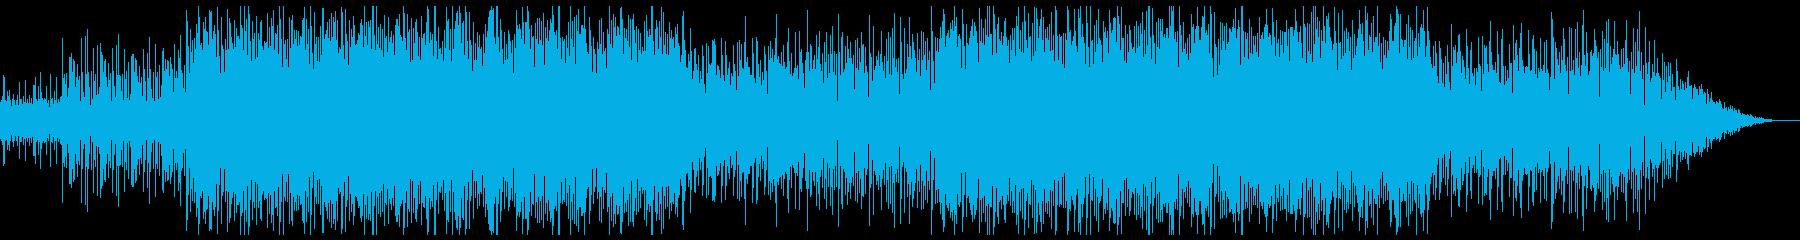 FPS・パズルゲーム風BGM(ループ可)の再生済みの波形